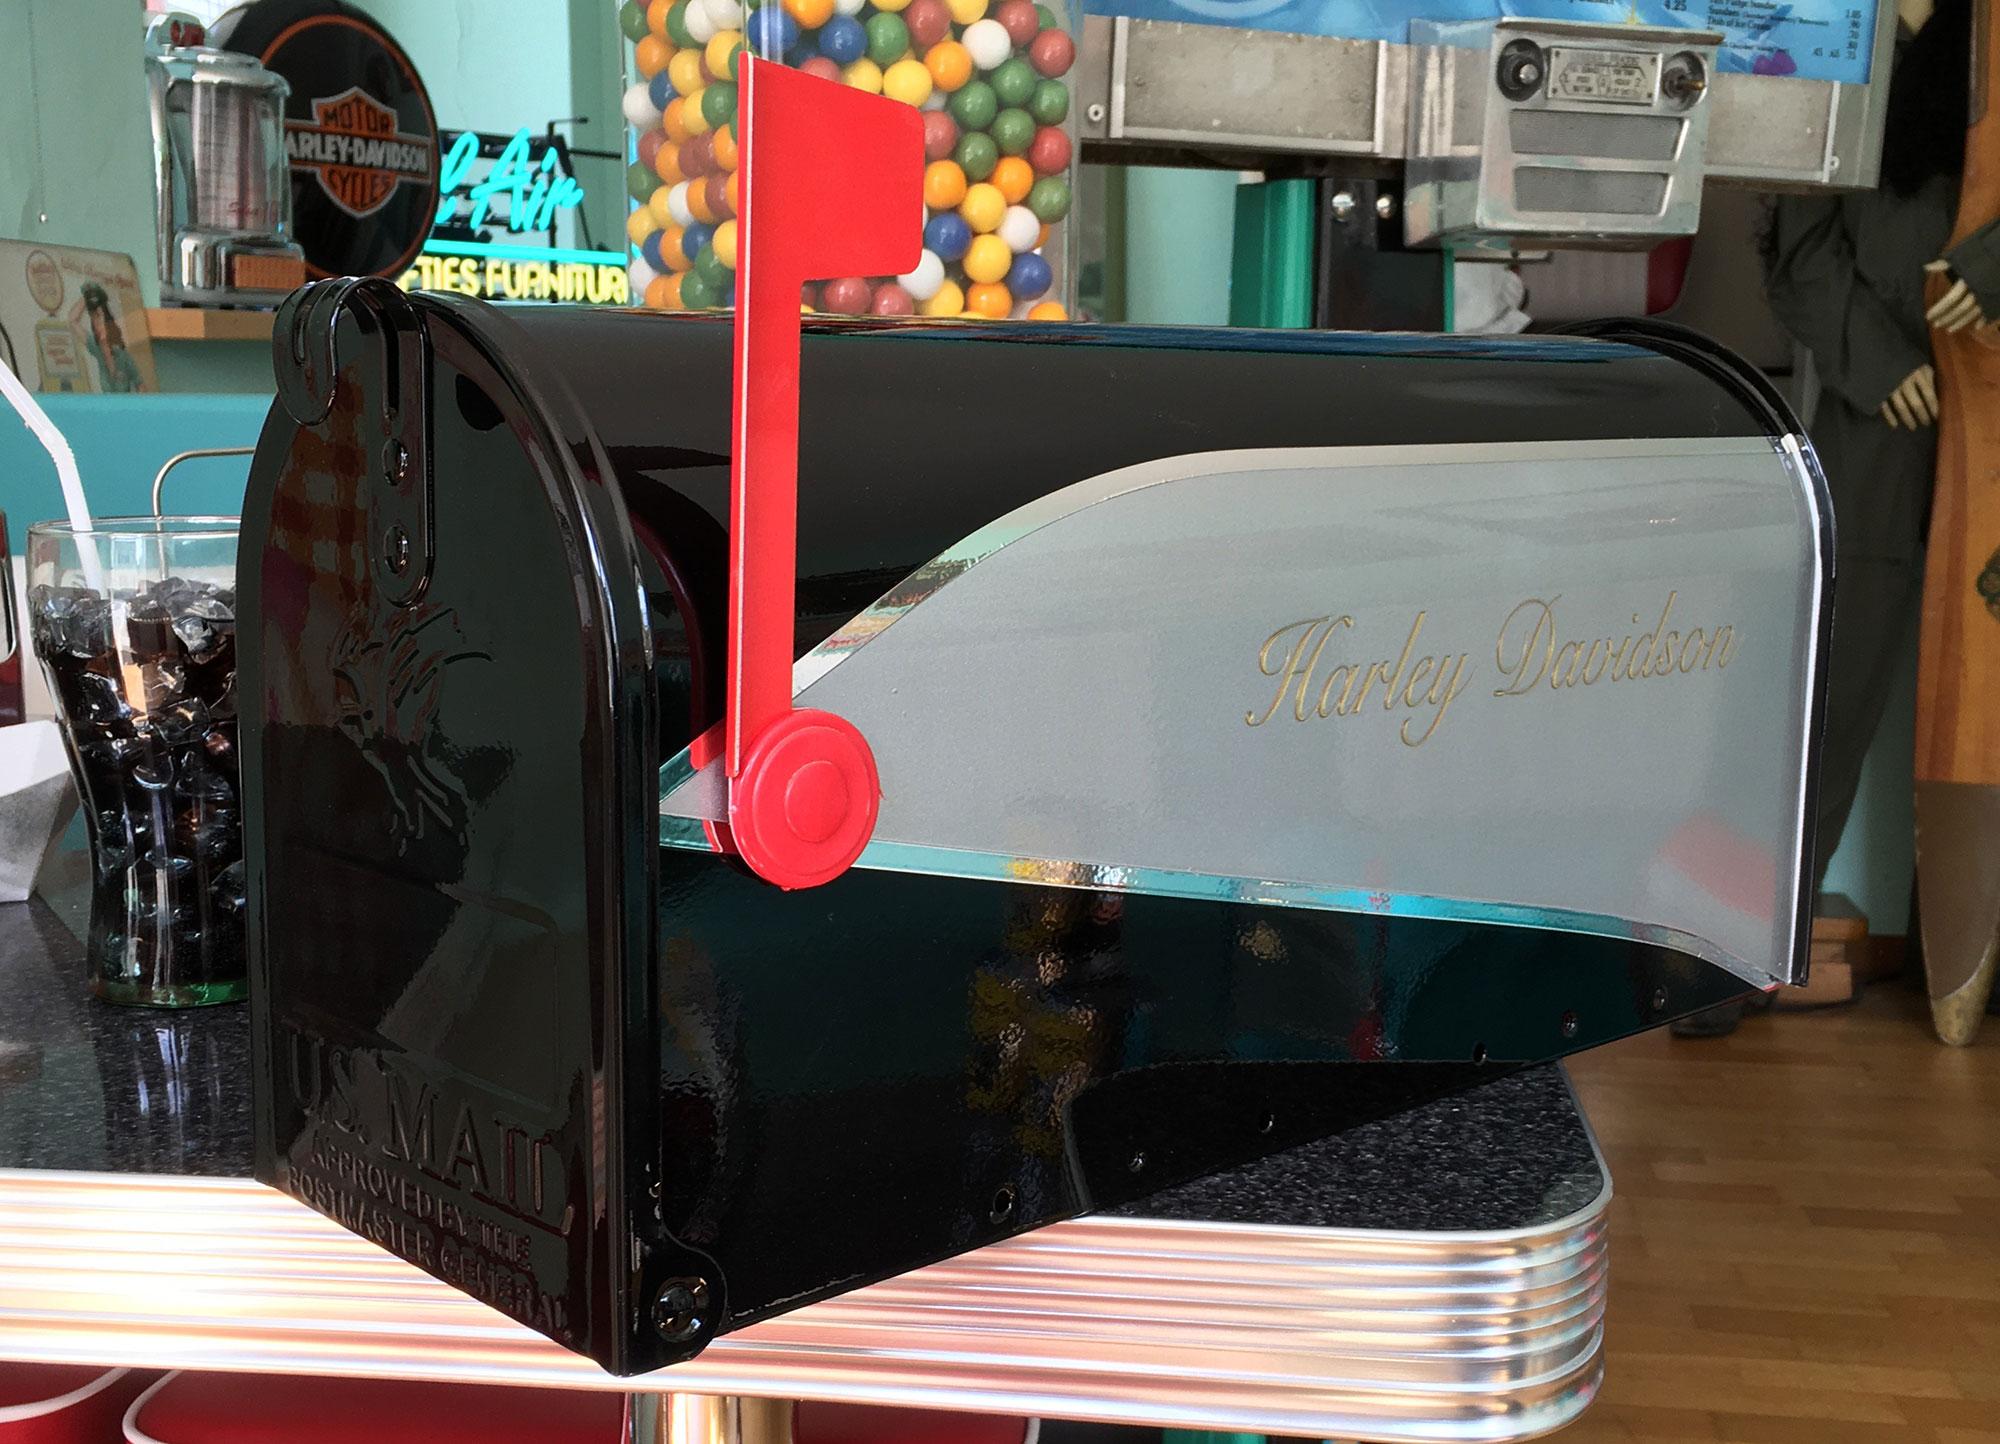 route 66 store us mailbox harley davidson standard gr sse. Black Bedroom Furniture Sets. Home Design Ideas